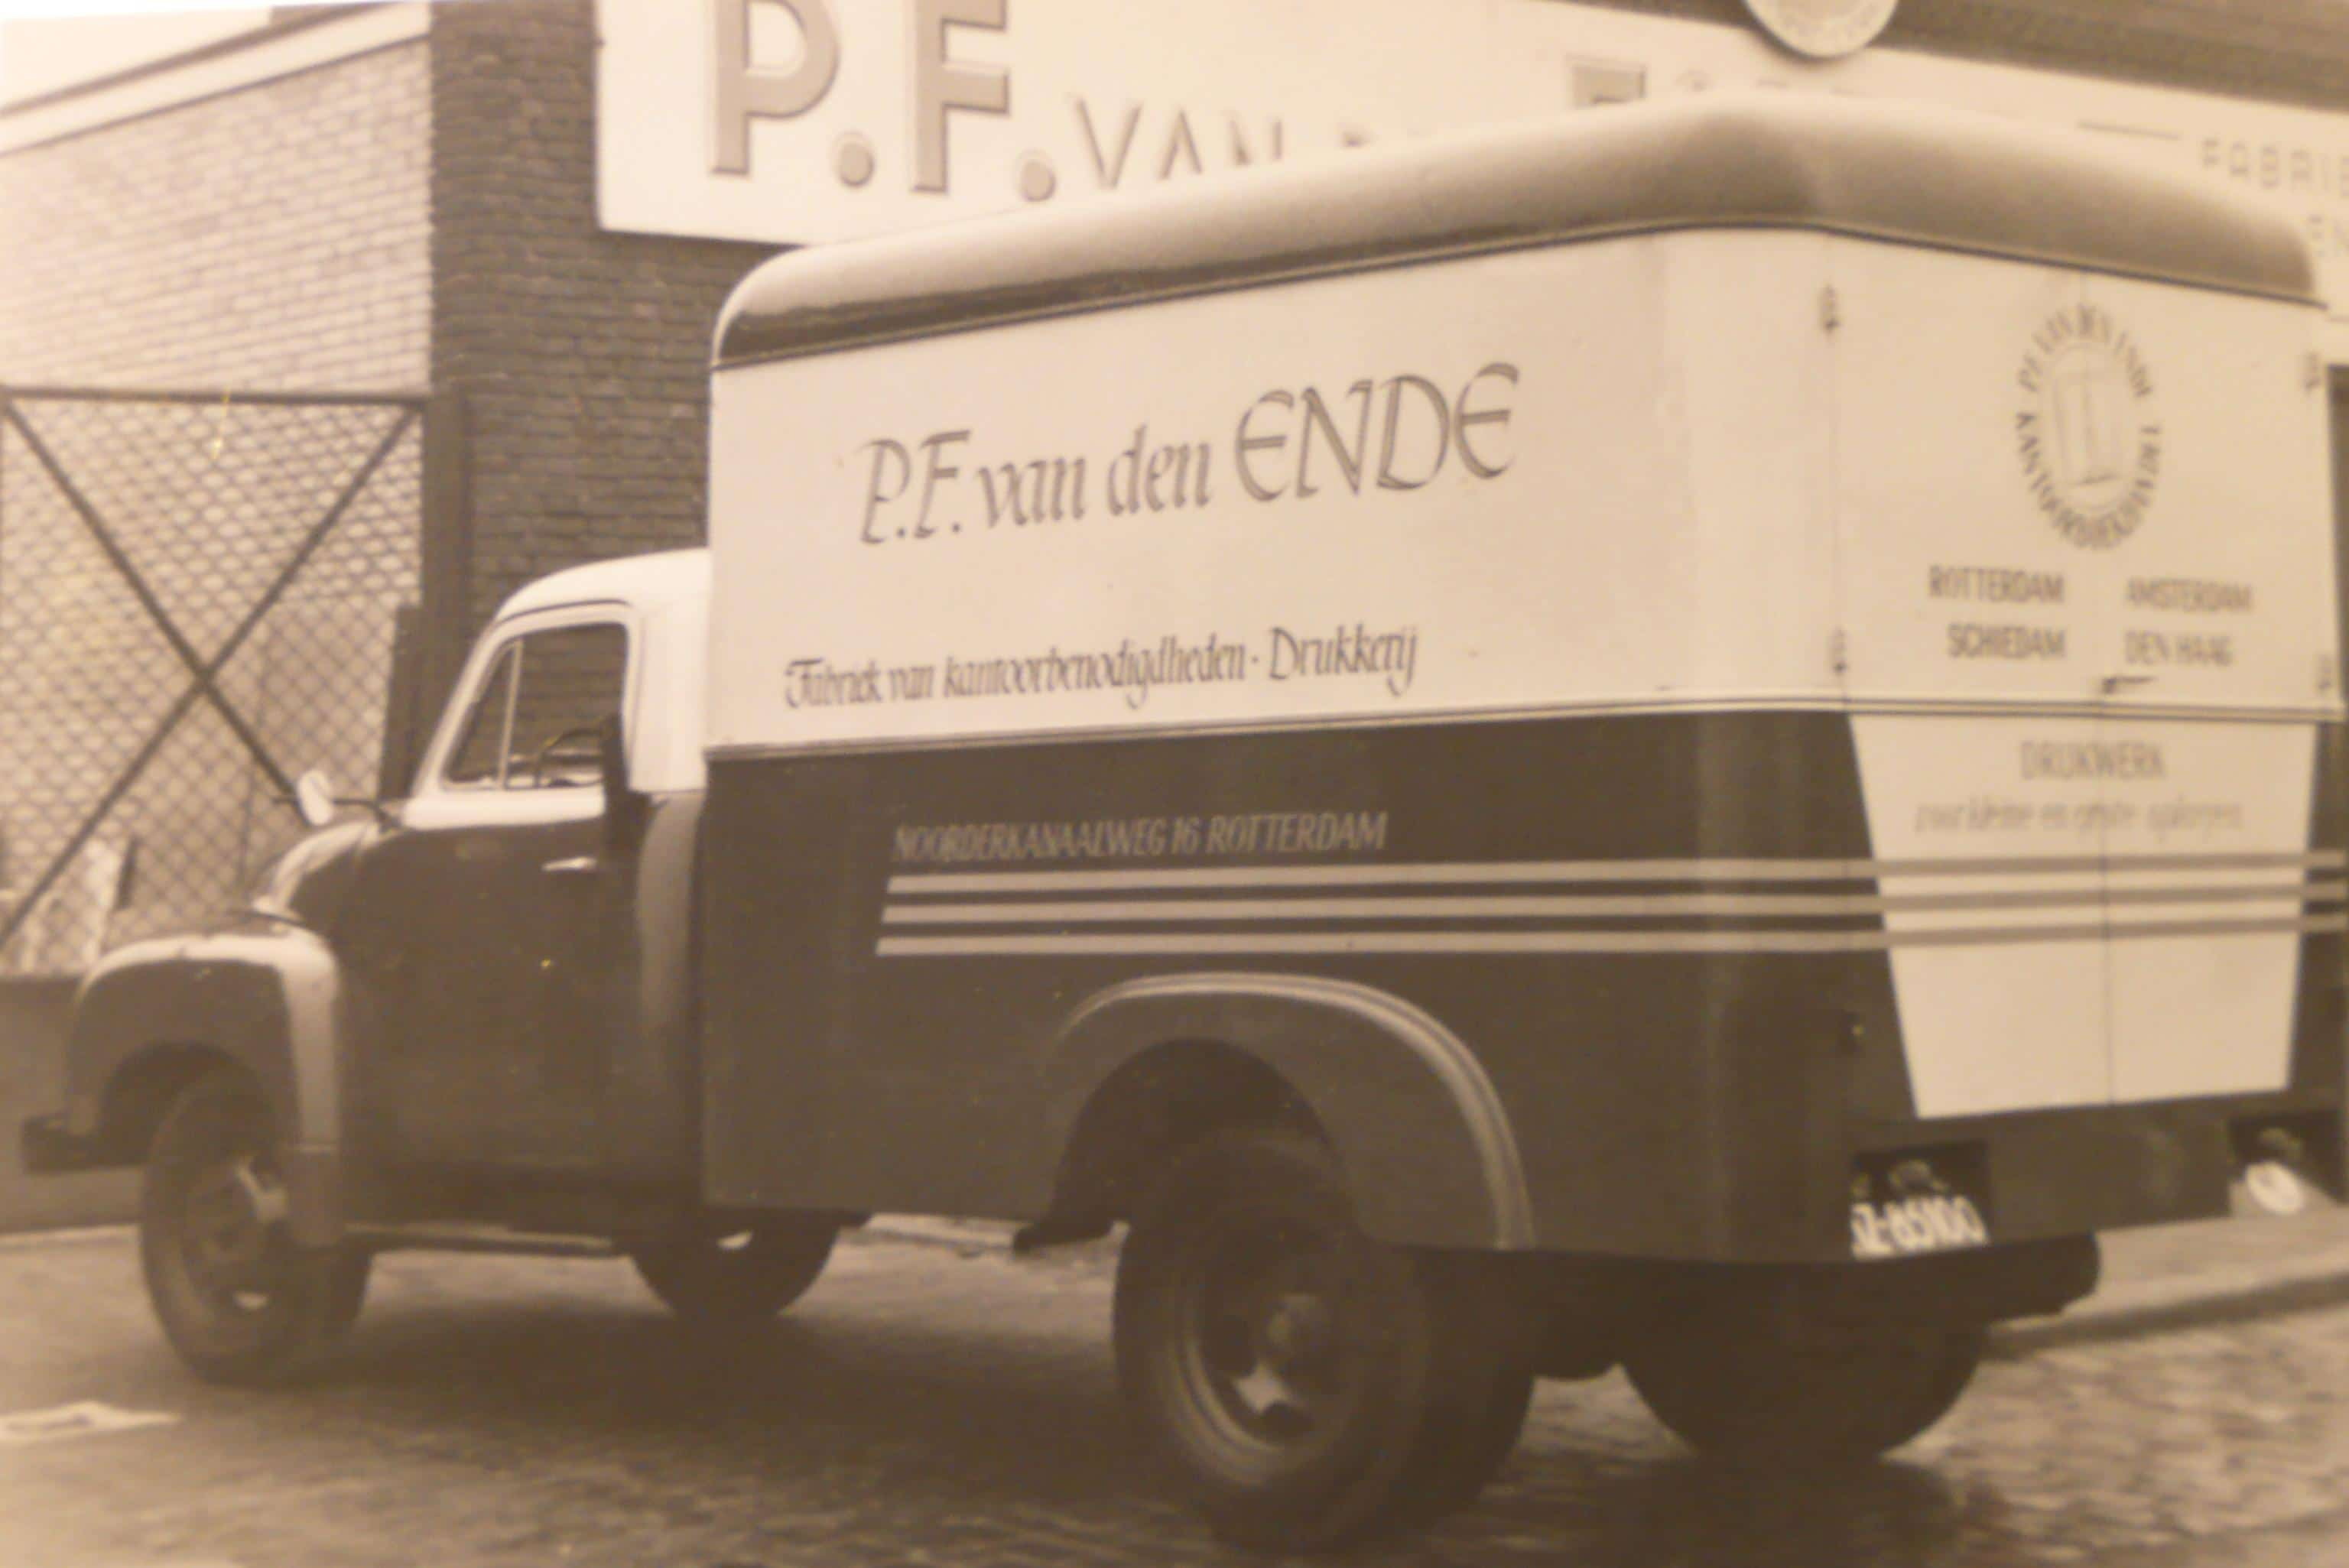 PF van den Ende Drukkerij Rotterdam